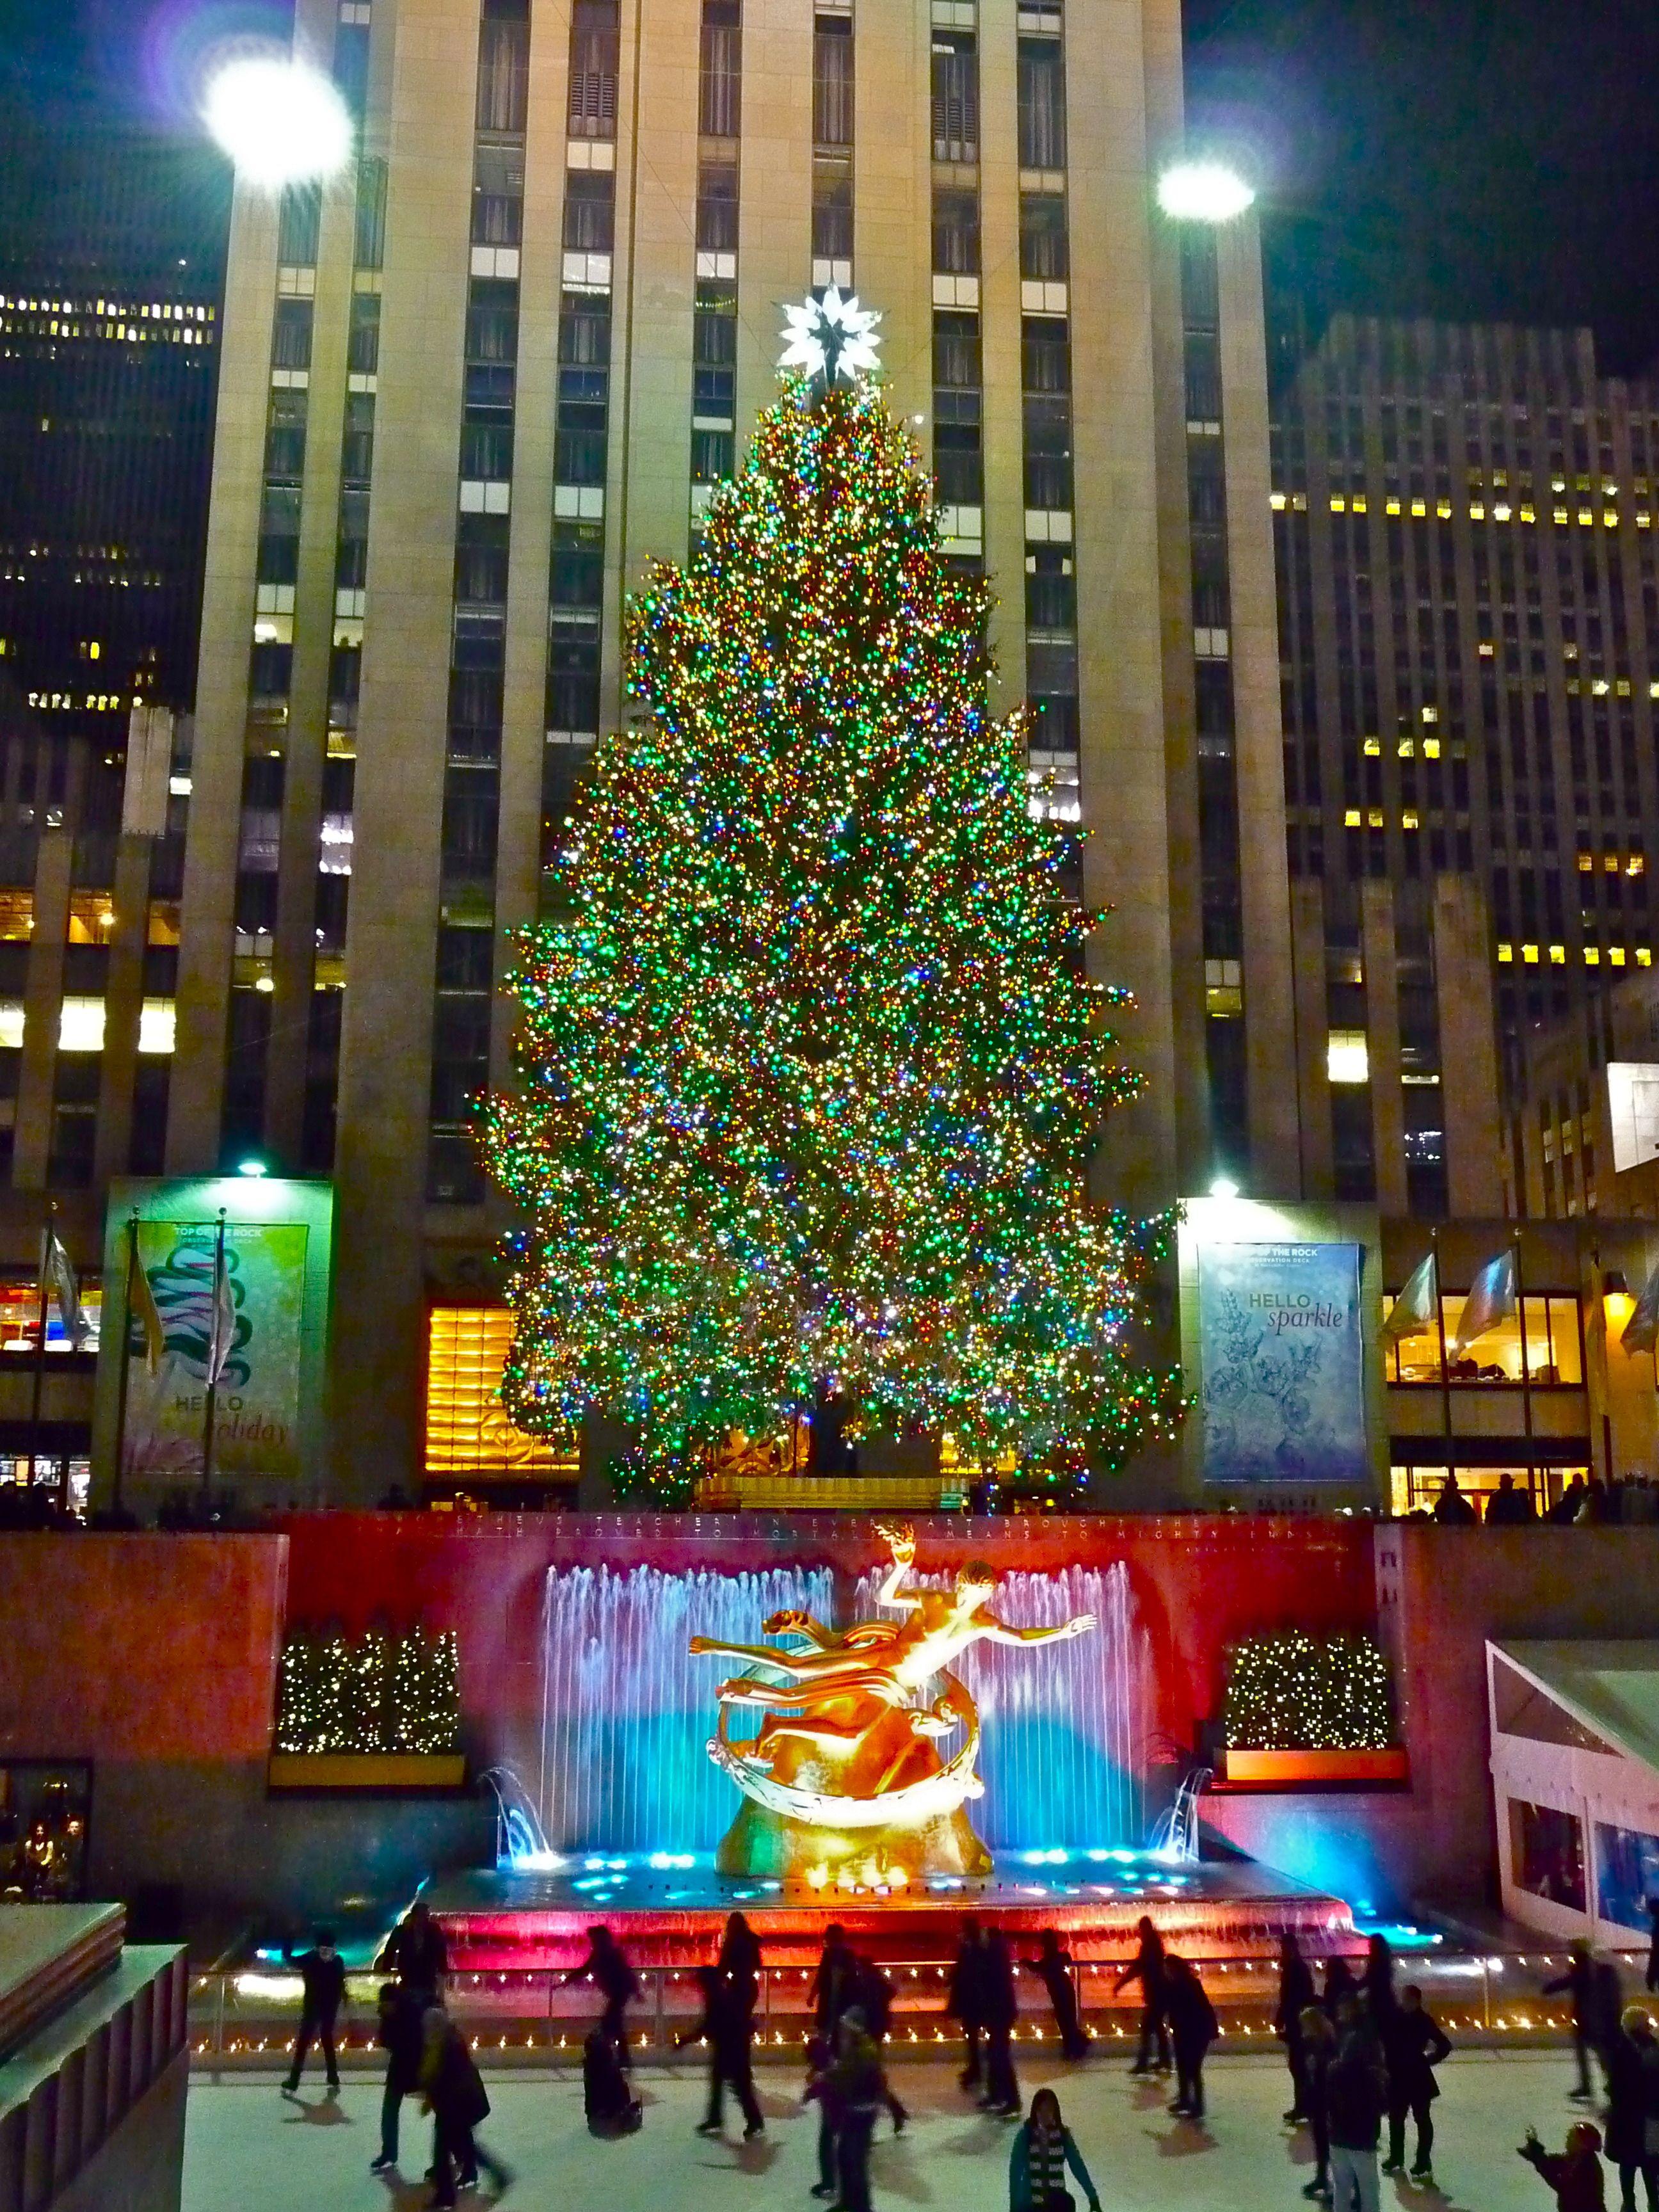 Weihnachtsbilder New York.Christmas In New York Weihnachtsbilder Gifs Weihnachtsbilder